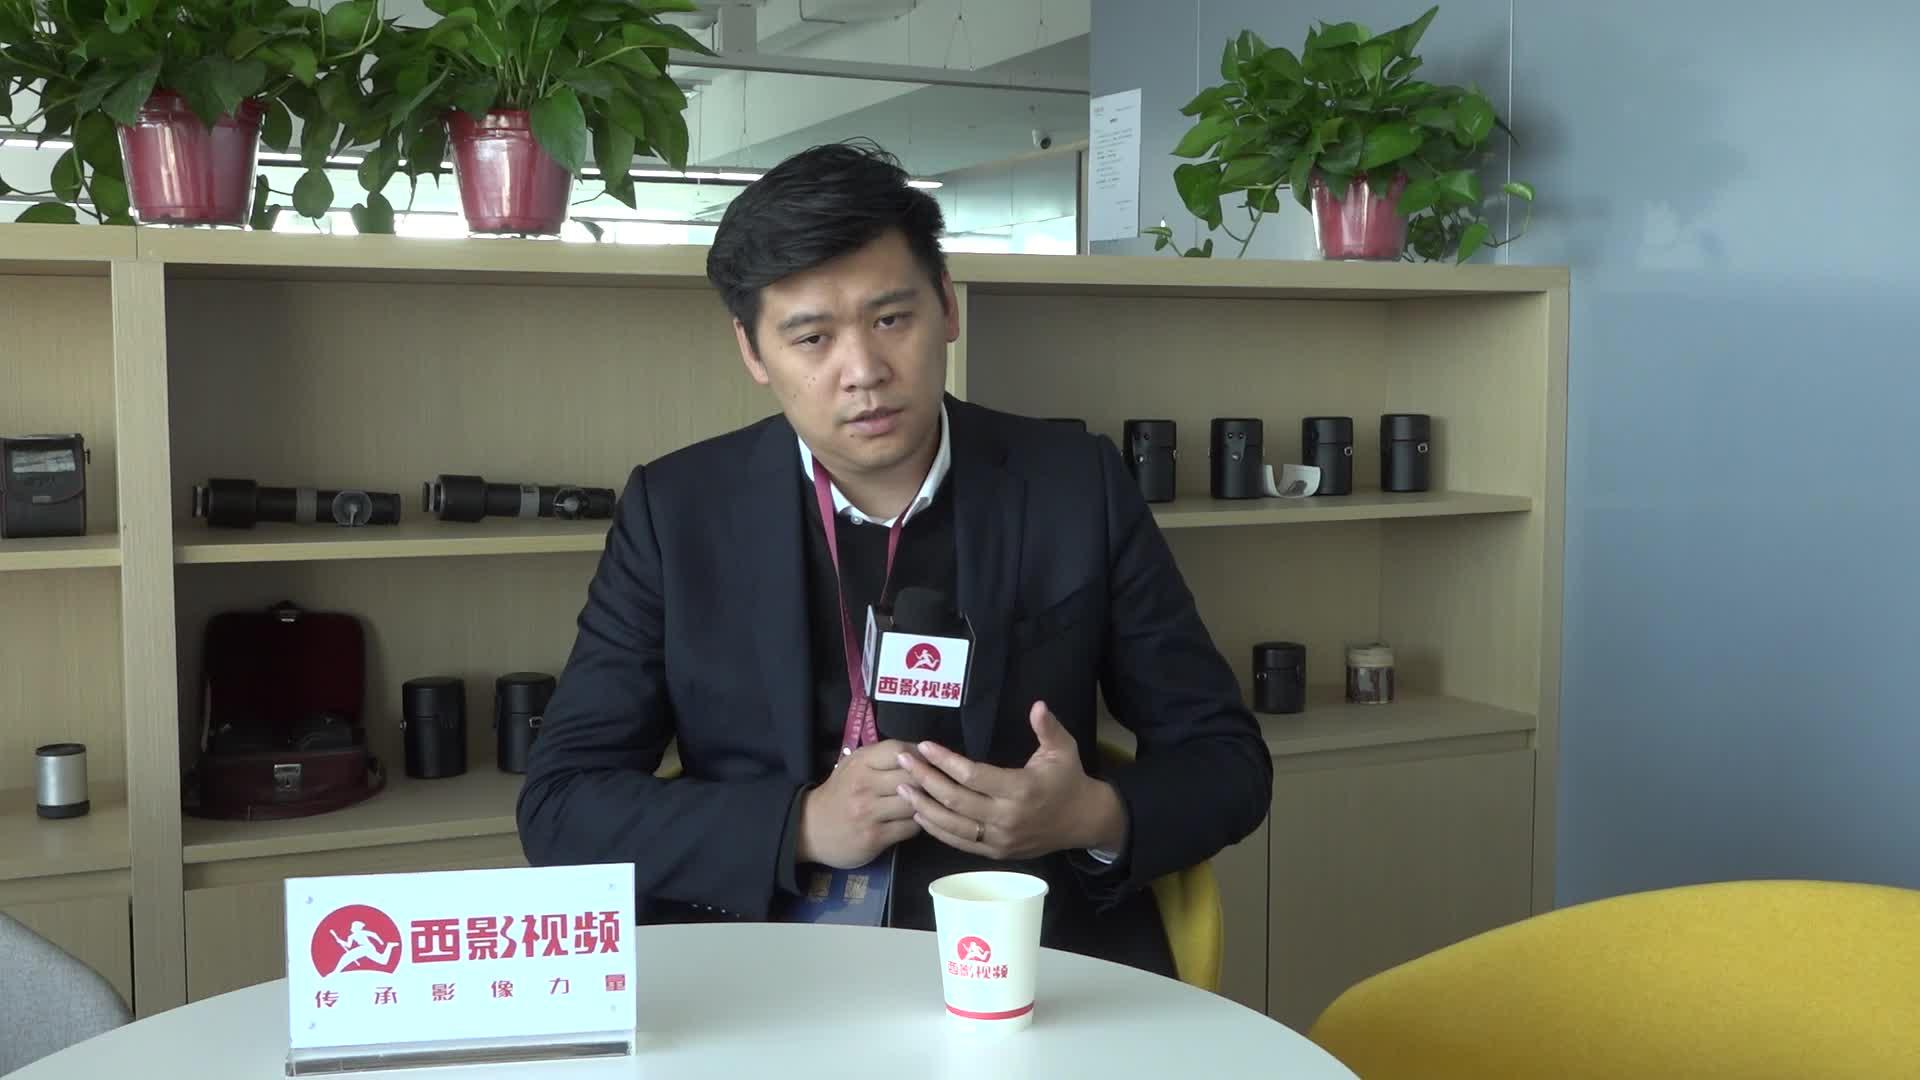 淘梦创始人、ceo阴超到访西影,畅聊网络电影未来发展